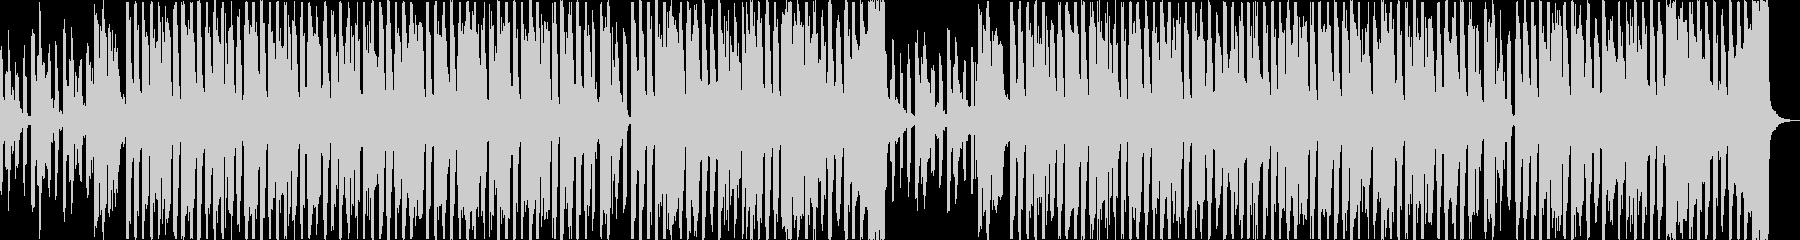 おしゃれチルヒップホップR&Bハウスaの未再生の波形